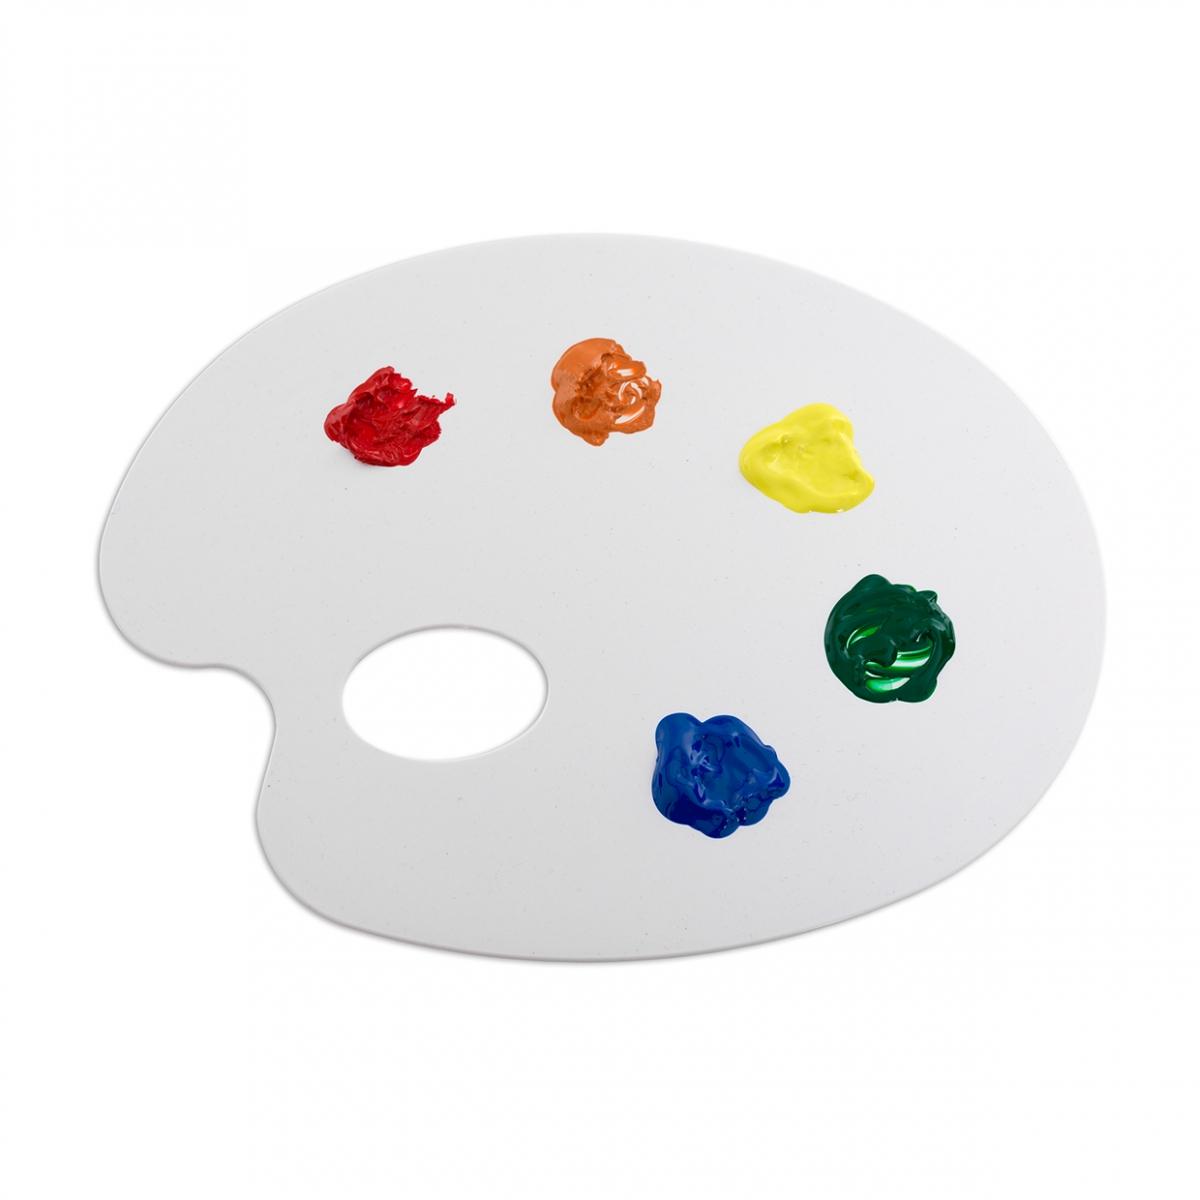 Imagen en la que se ve una paleta de pintor